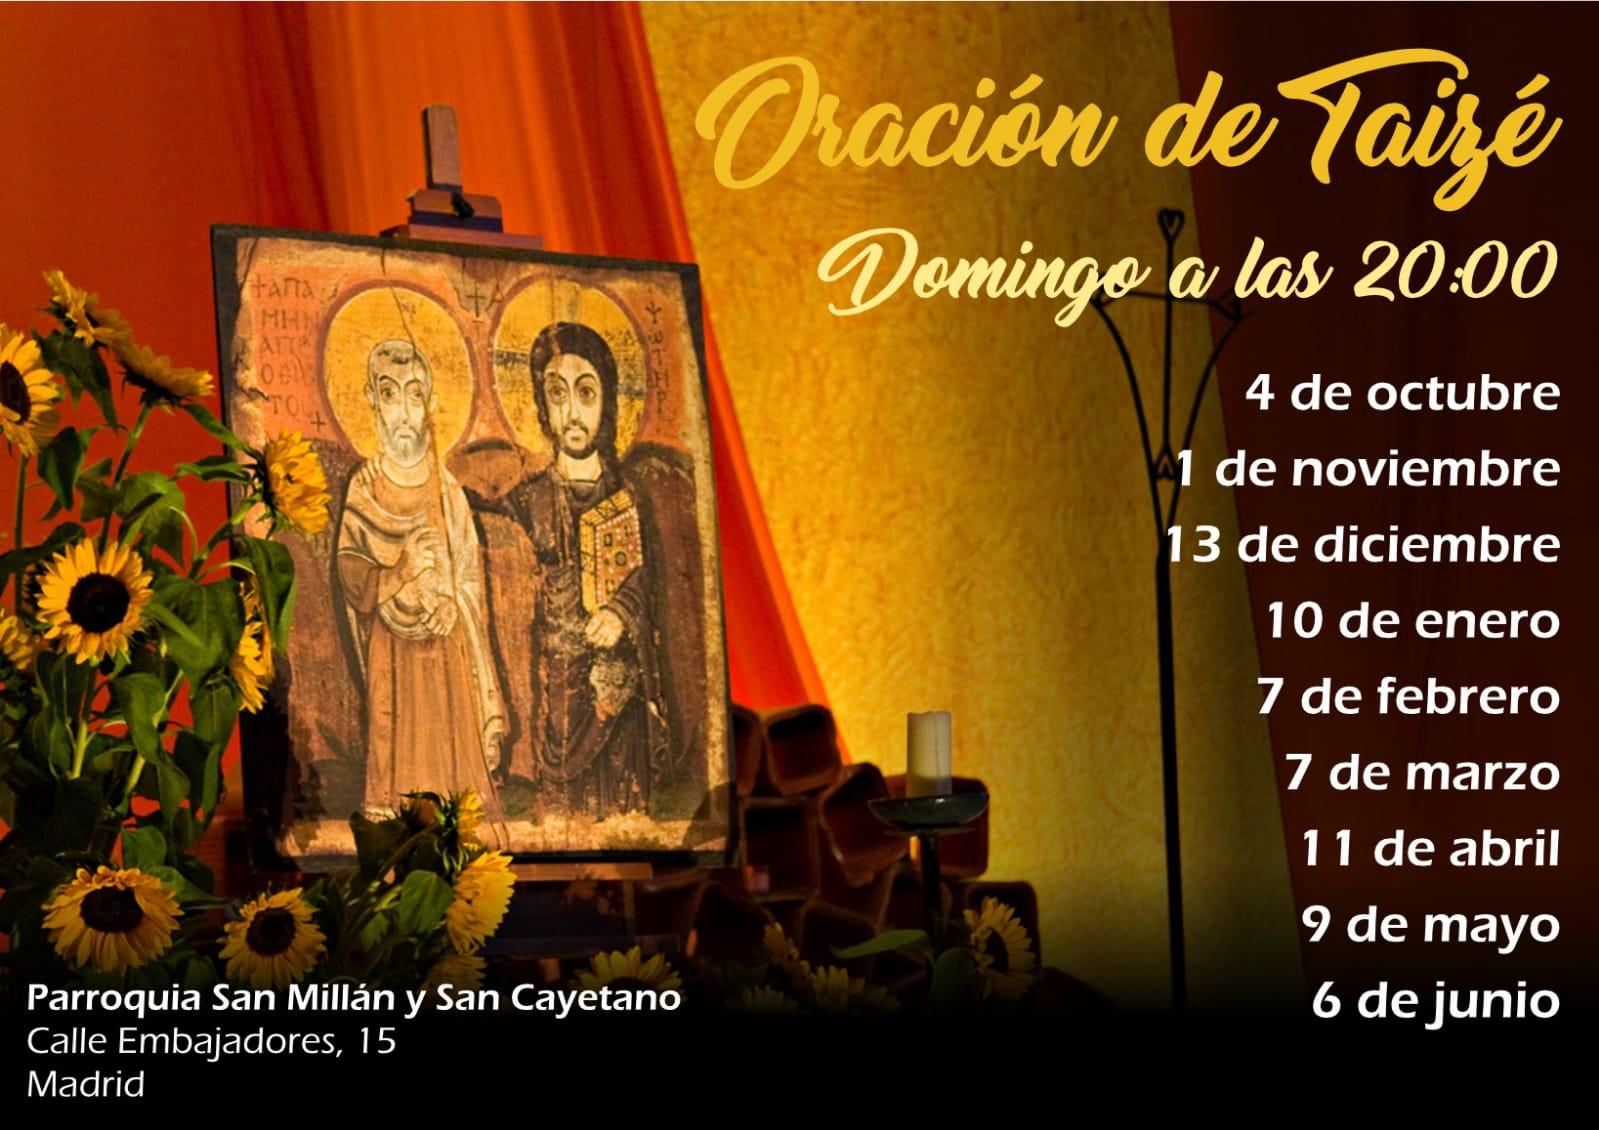 oracion-de-taize-11-04-2021@pmillancayetano